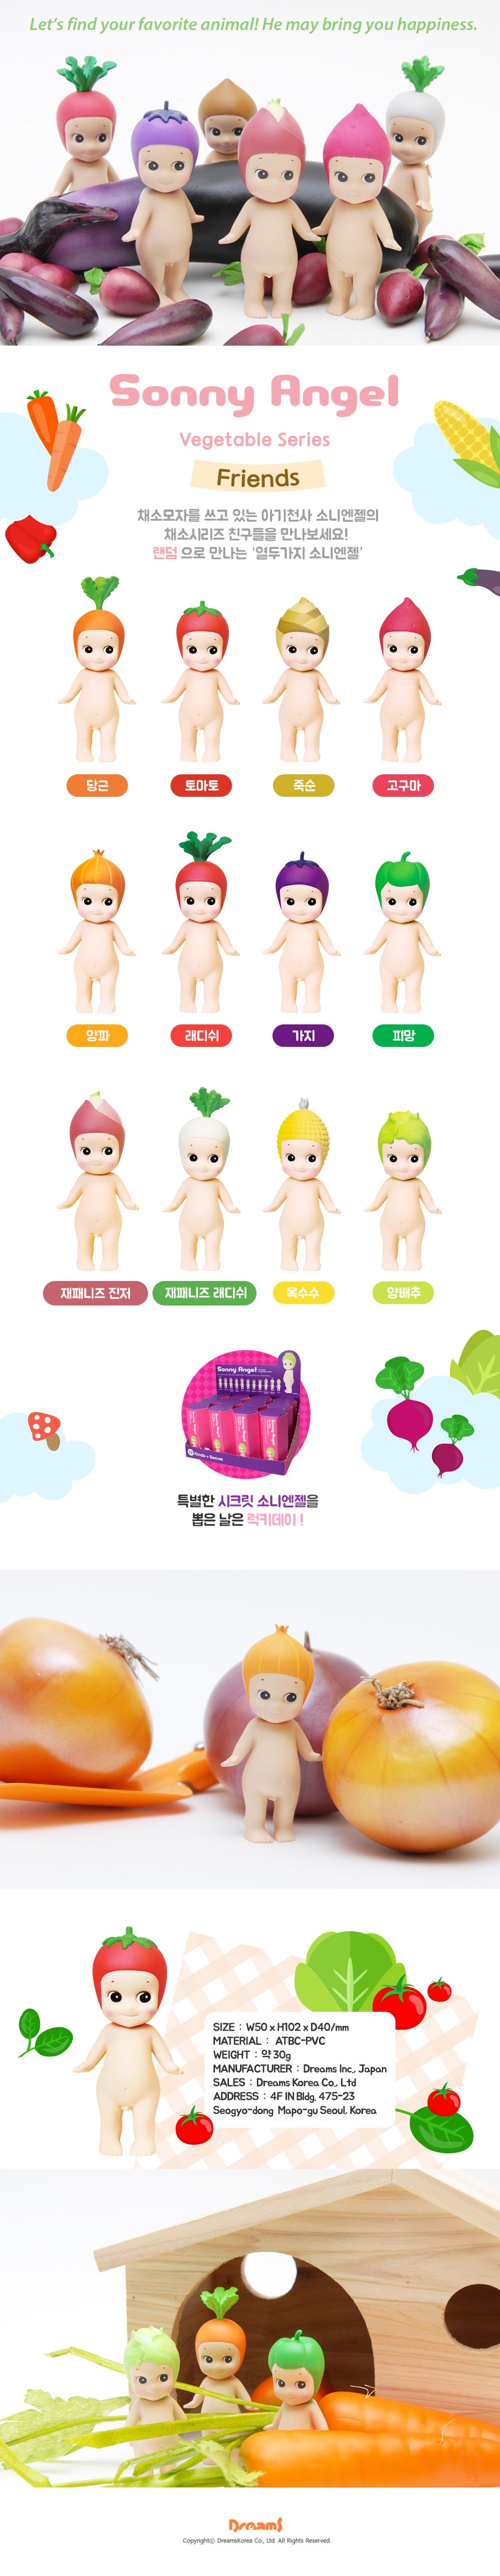 [드림즈코리아 정품 소니엔젤] 미니피규어 - vegetable (랜덤) - 소니엔젤, 7,400원, PVC 토이, 캐릭터